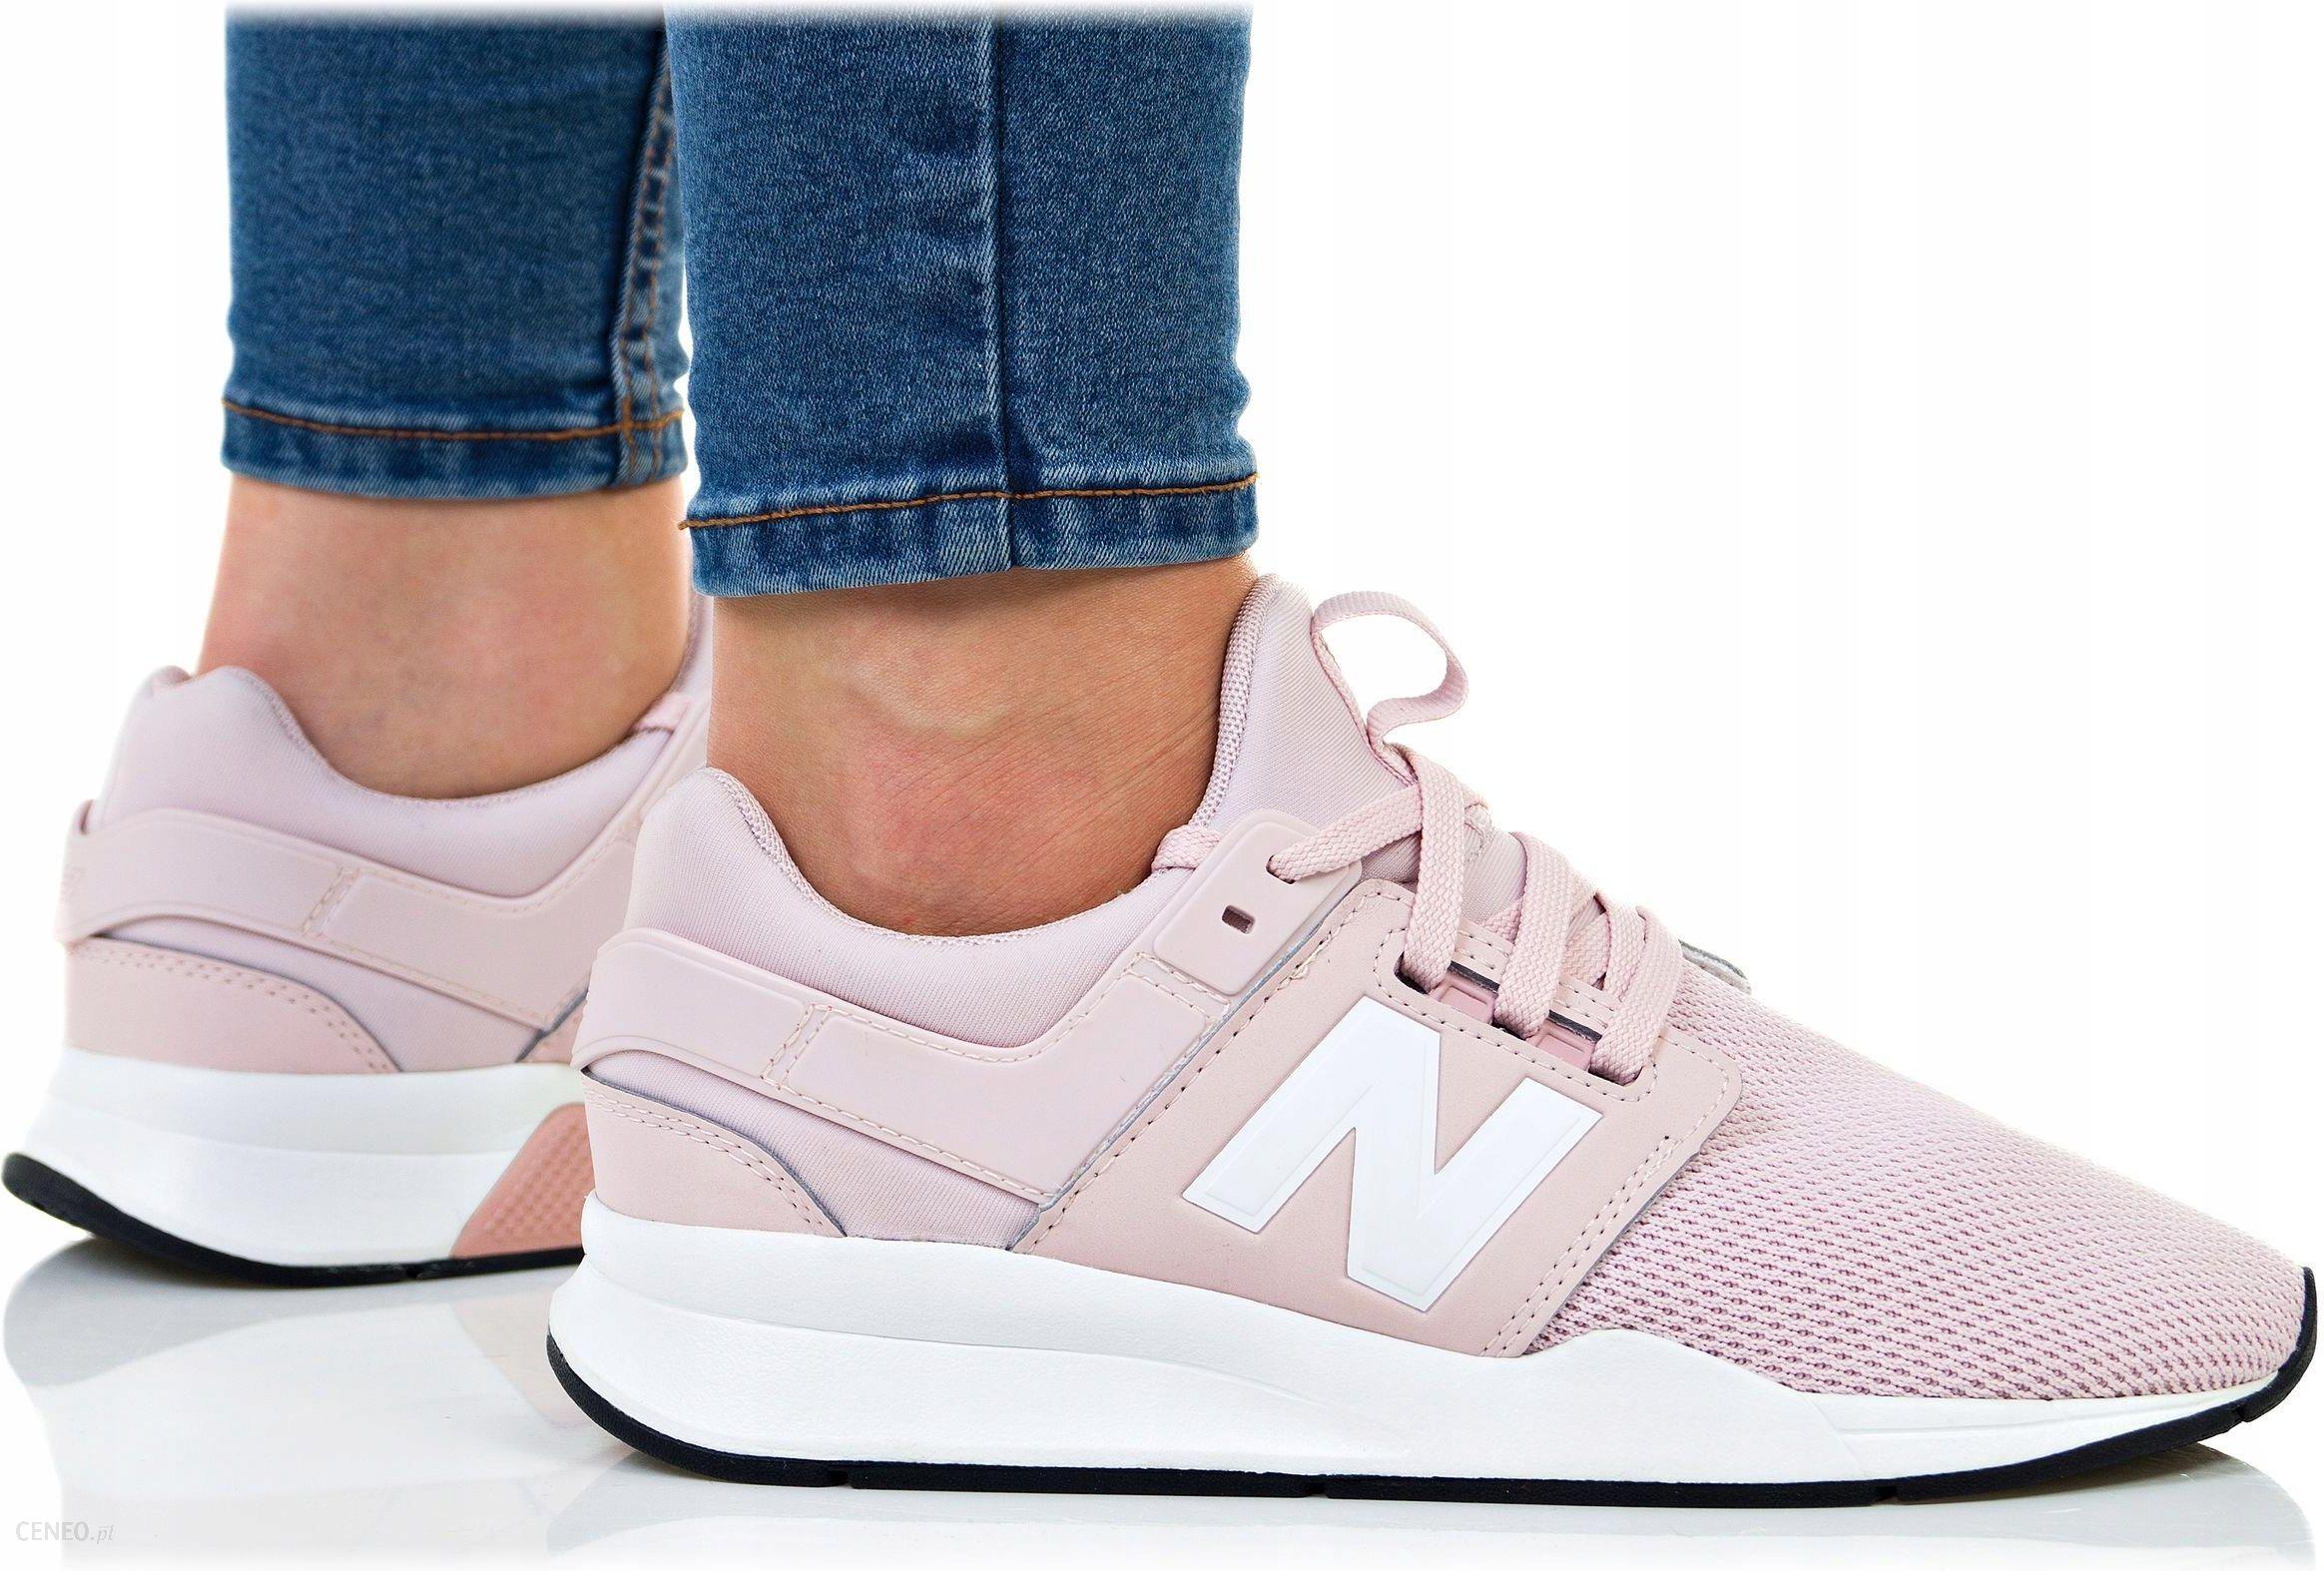 sklep w Wielkiej Brytanii najwyższa jakość różne wzornictwo Buty New Balance Damskie 247 KL247TSG Różowe - Ceny i opinie - Ceneo.pl